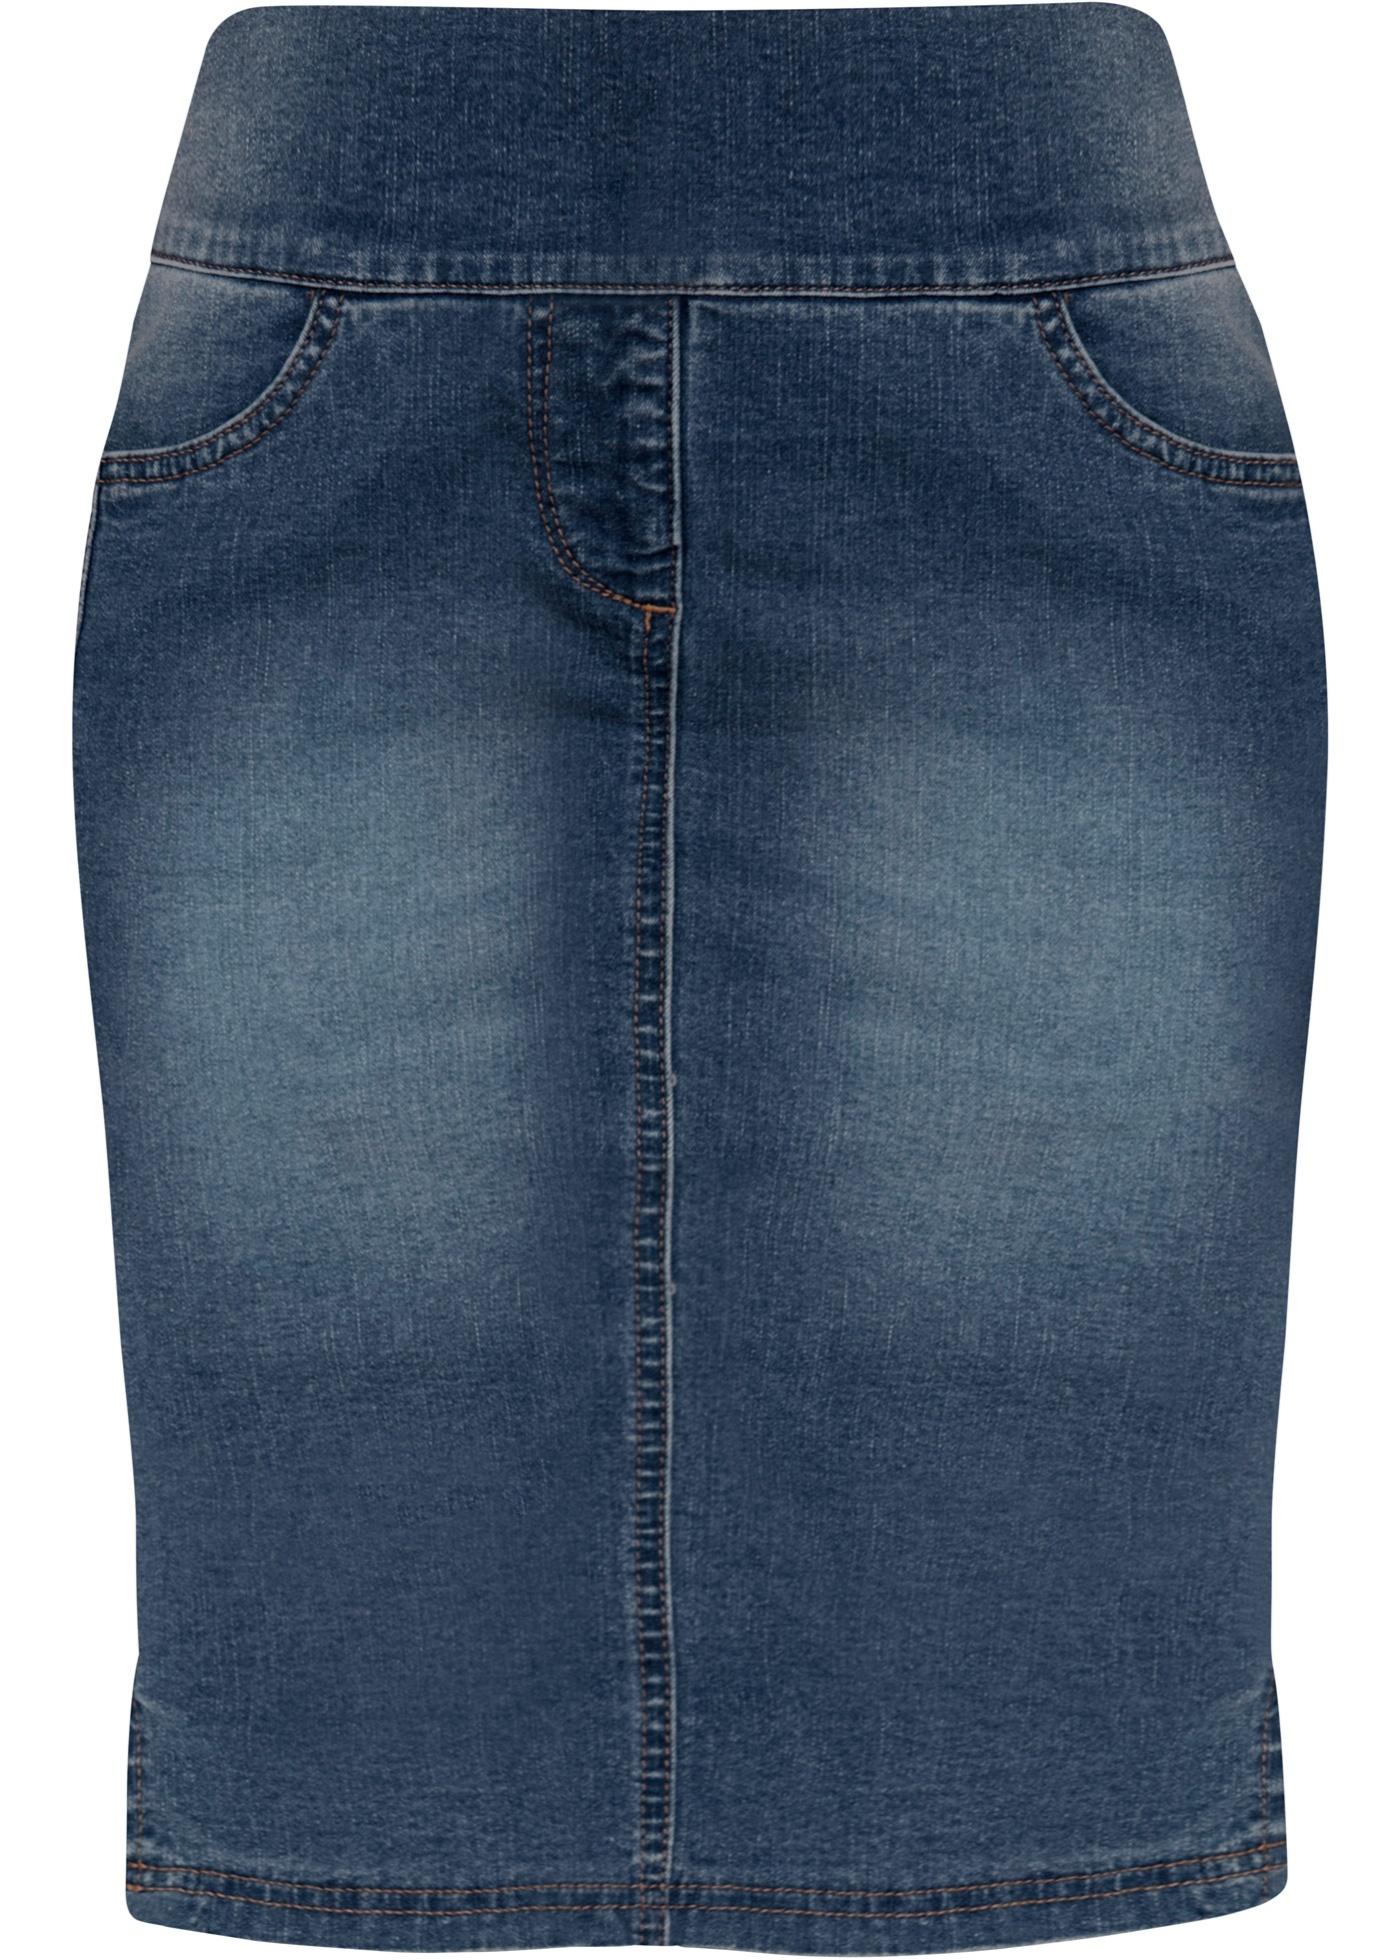 Strečová sukně s vysokým pasem - Černá fa32e993a0